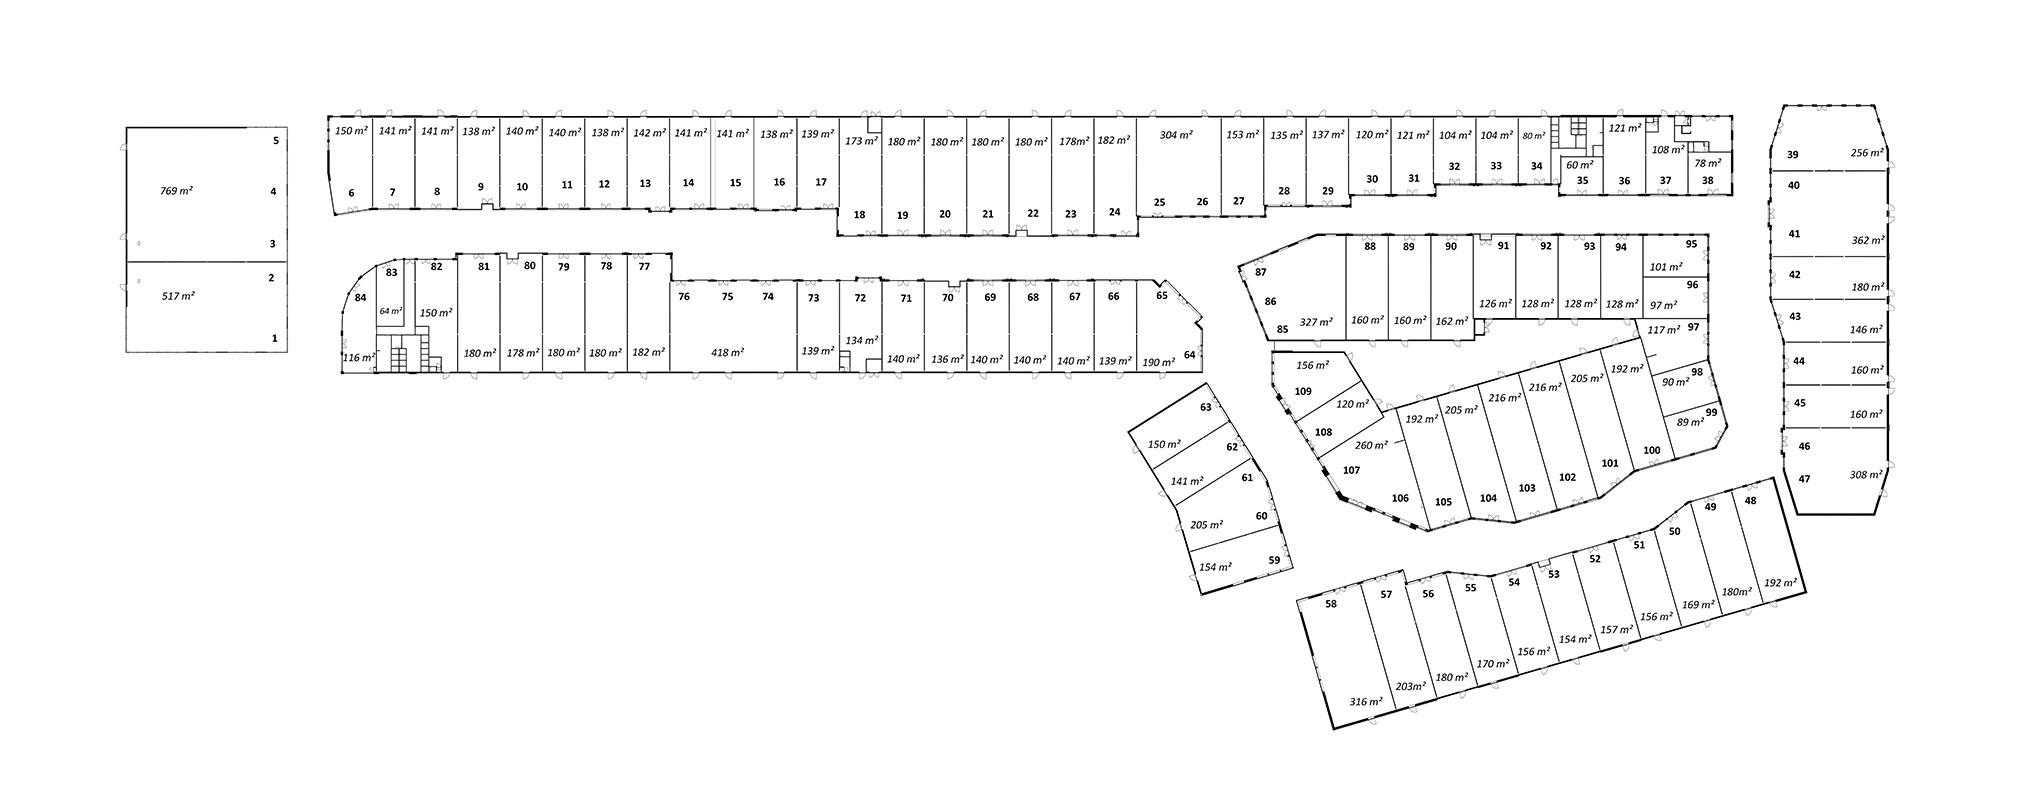 floormap-overview2